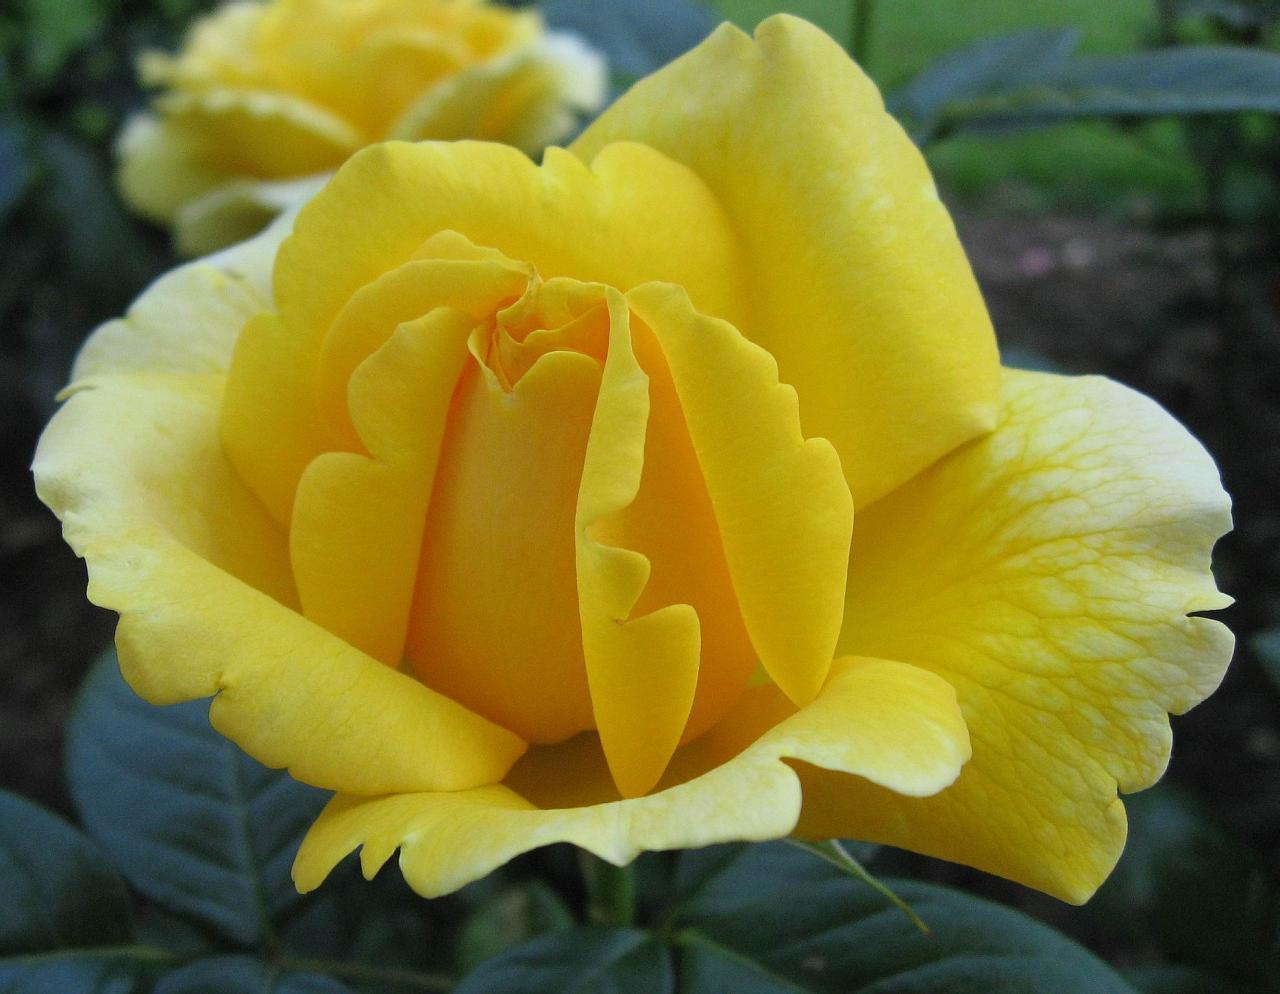 صور ورد اصفر وابيض , صور ورد اصفر وابيض جميله